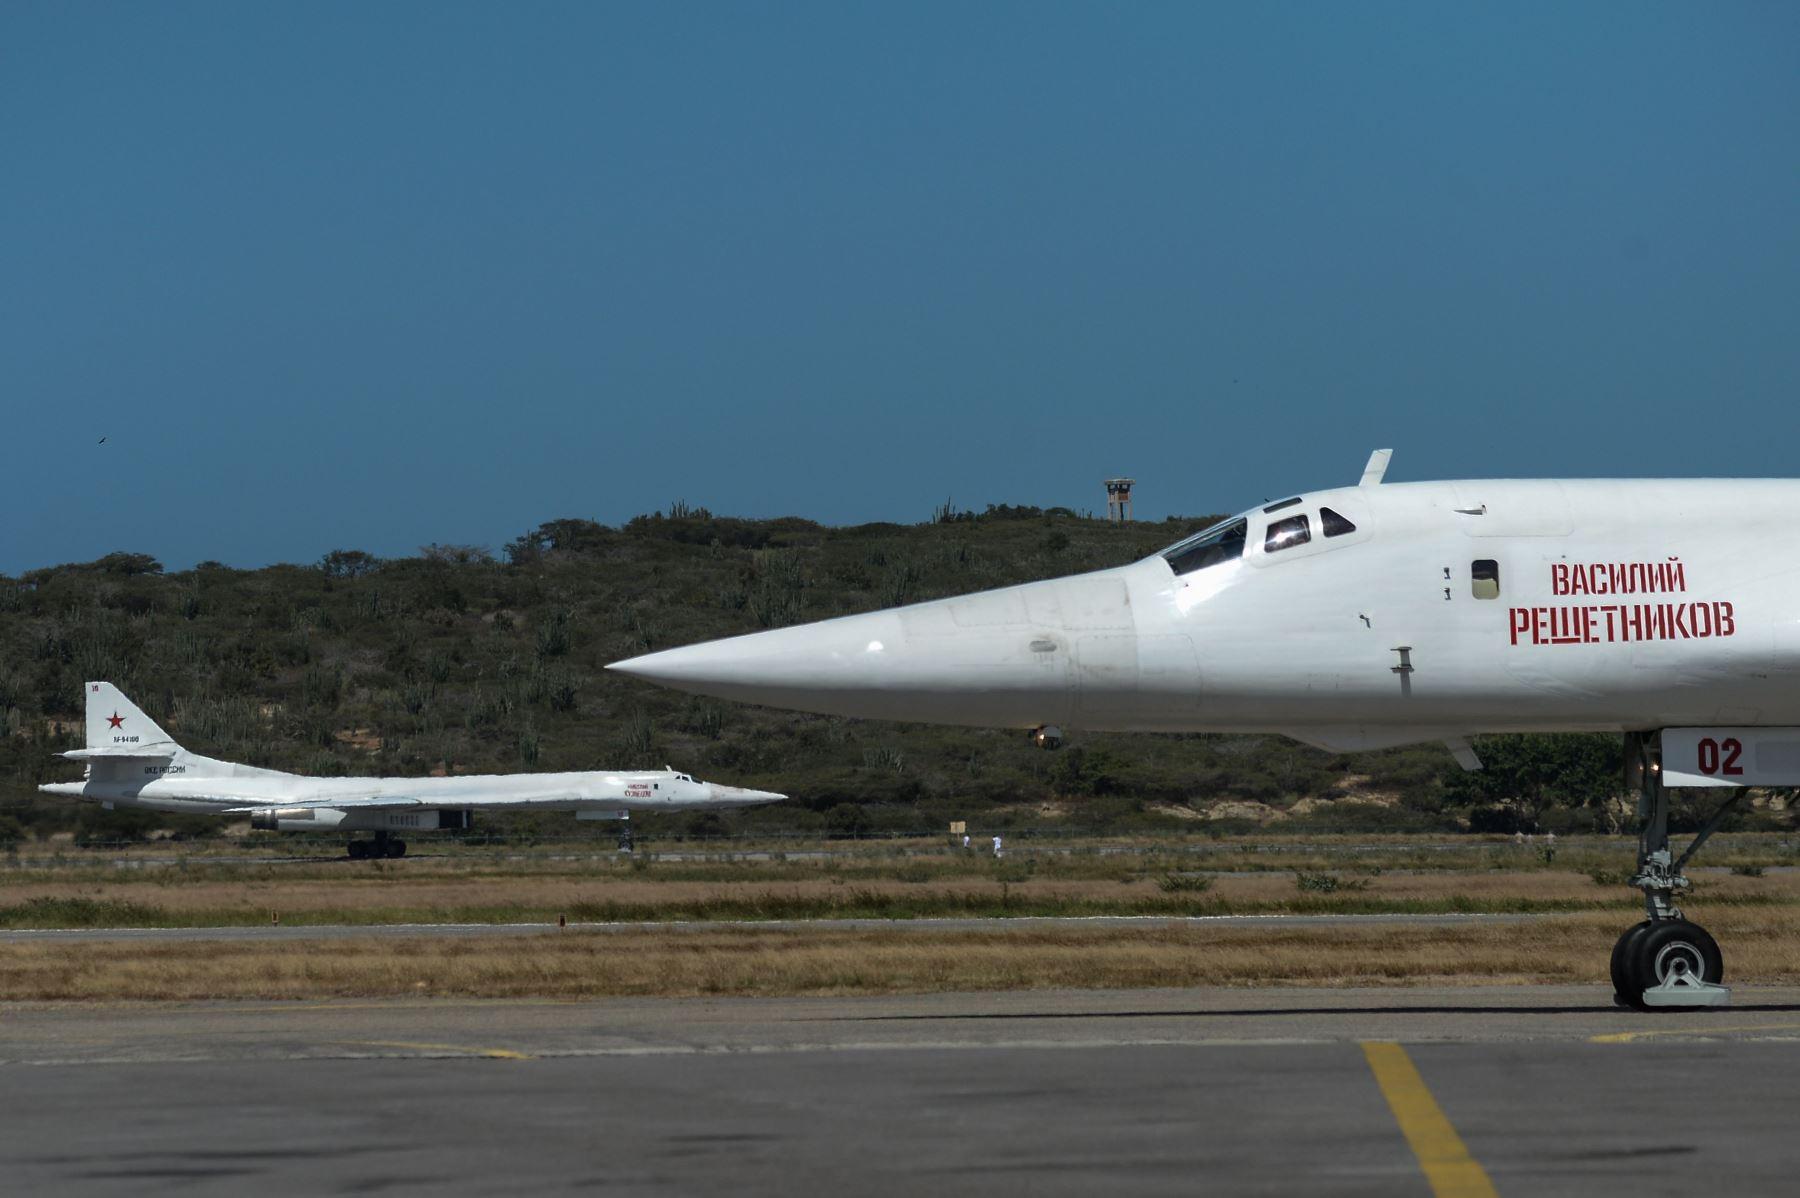 Aviones de bombarderos supersónicos pesados estratégicos Tupolev Tu-160 de Rusia aterrizan en el Aeropuerto Internacional de Maiquetia, Caracas Foto: AFP